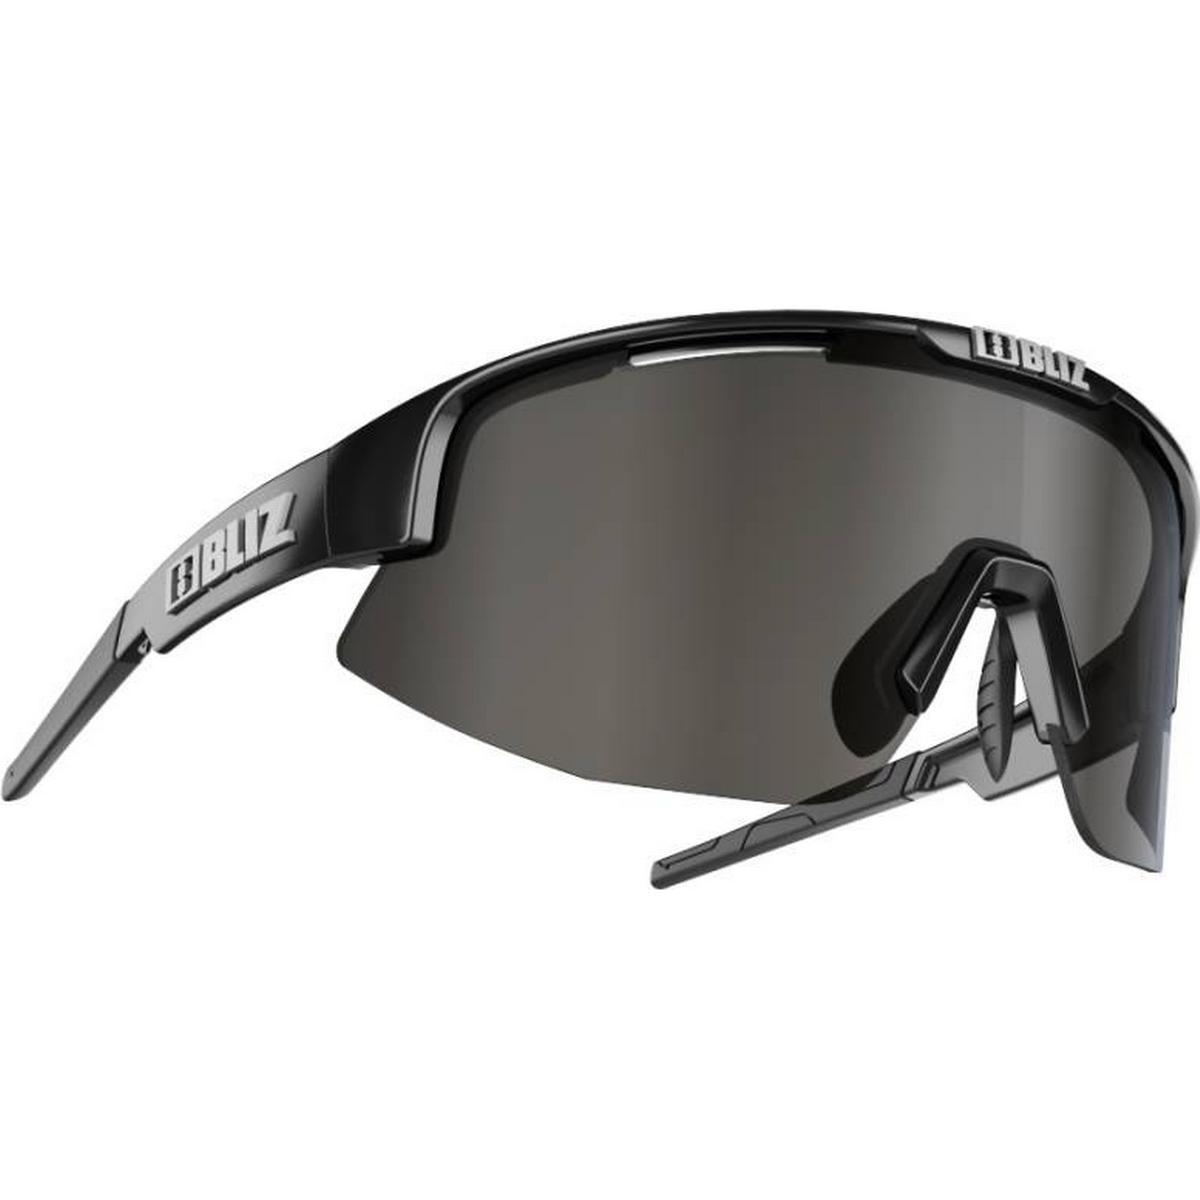 Bliz Solglasögon (300+ produkter) hos PriceRunner • Se